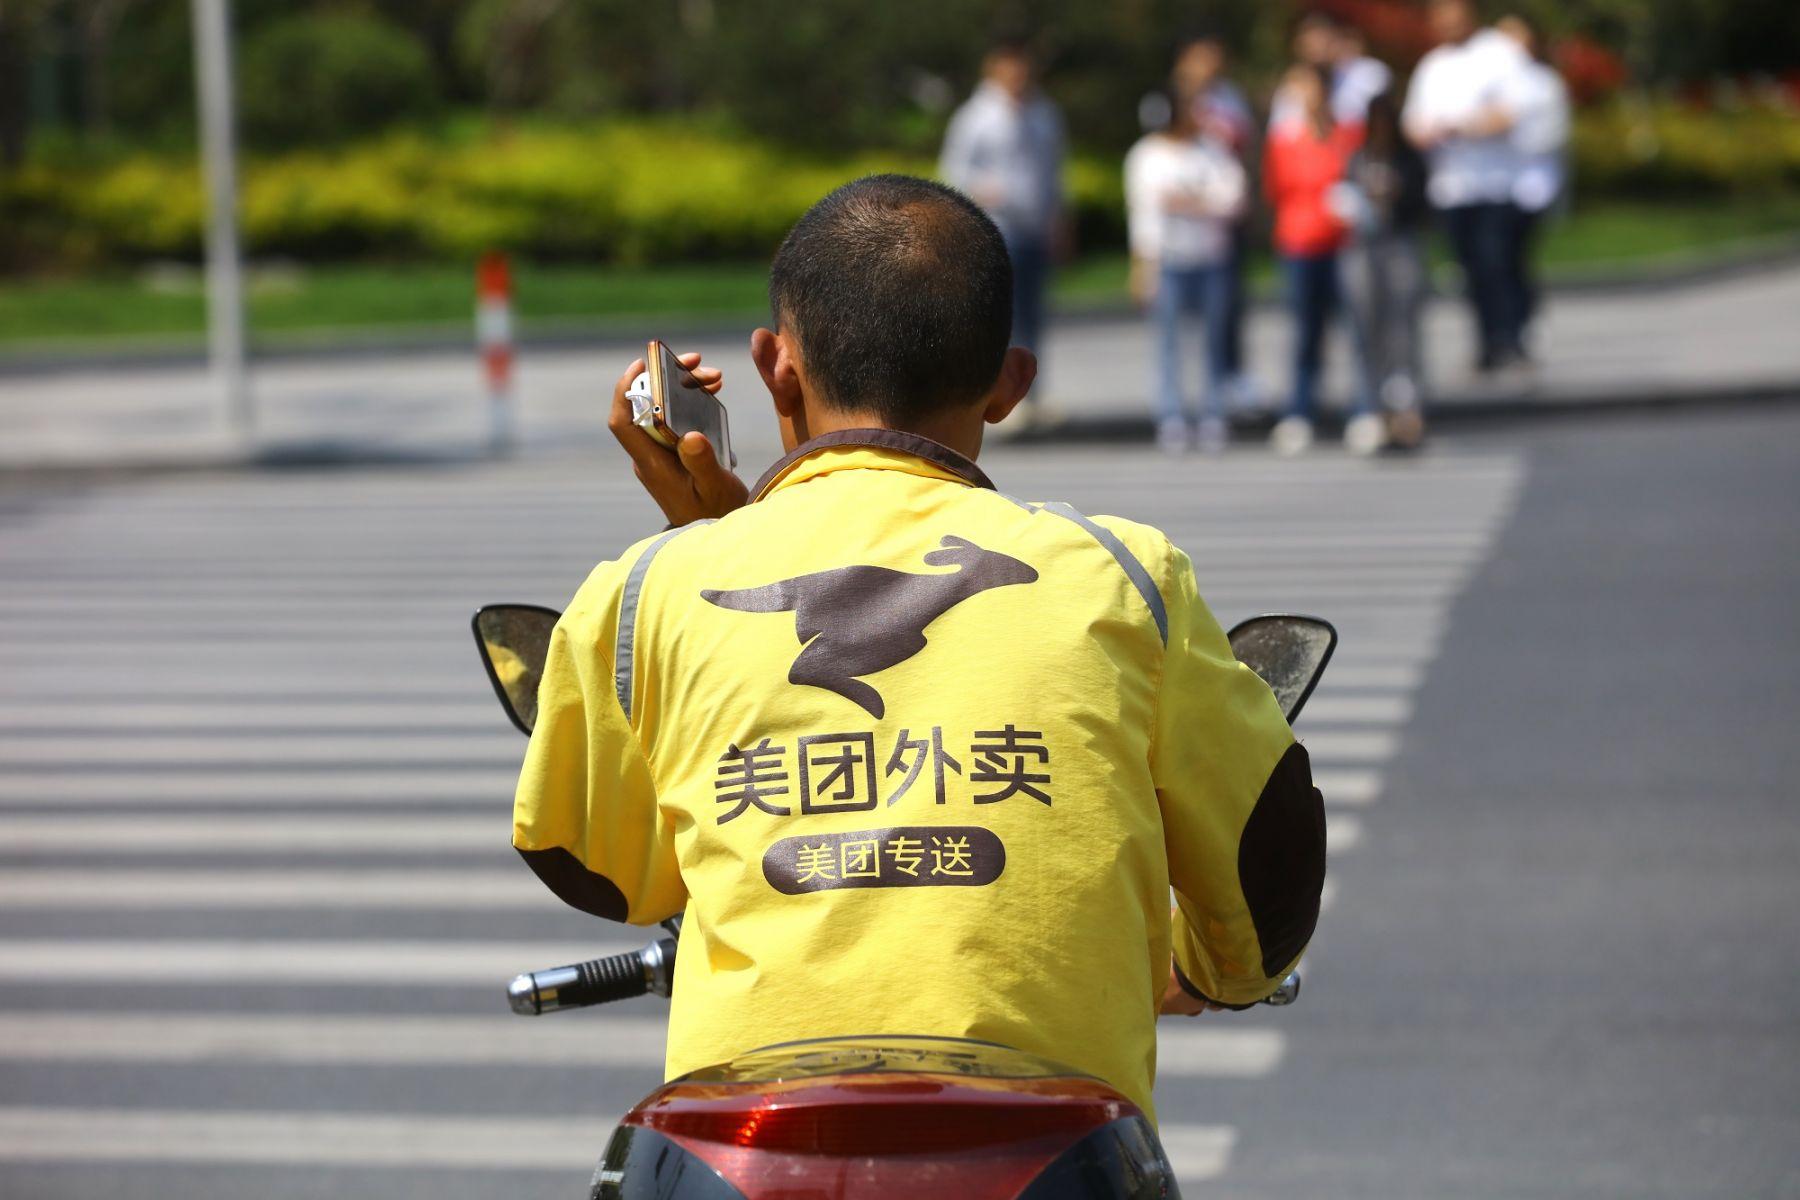 中國下一個超級新星!美團在電商巨頭夾縫中的生存策略